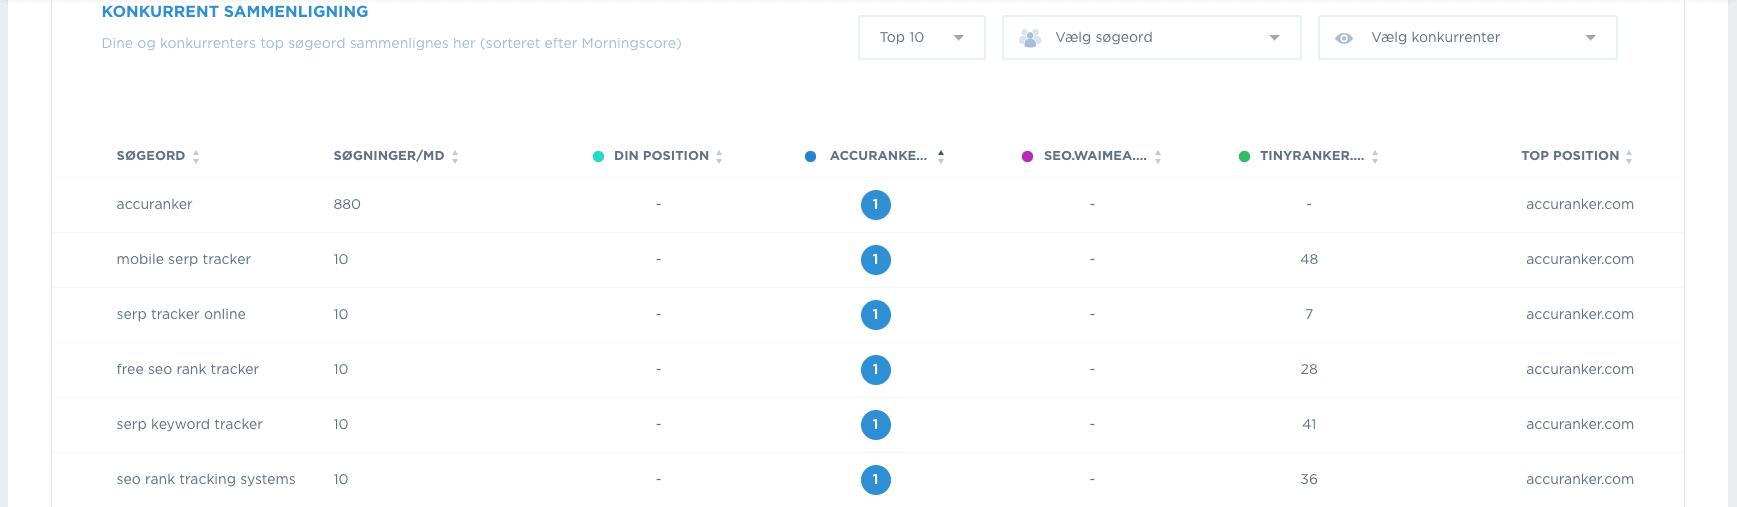 Se hvilke søgeord dine konkurrenter har en topplacering på